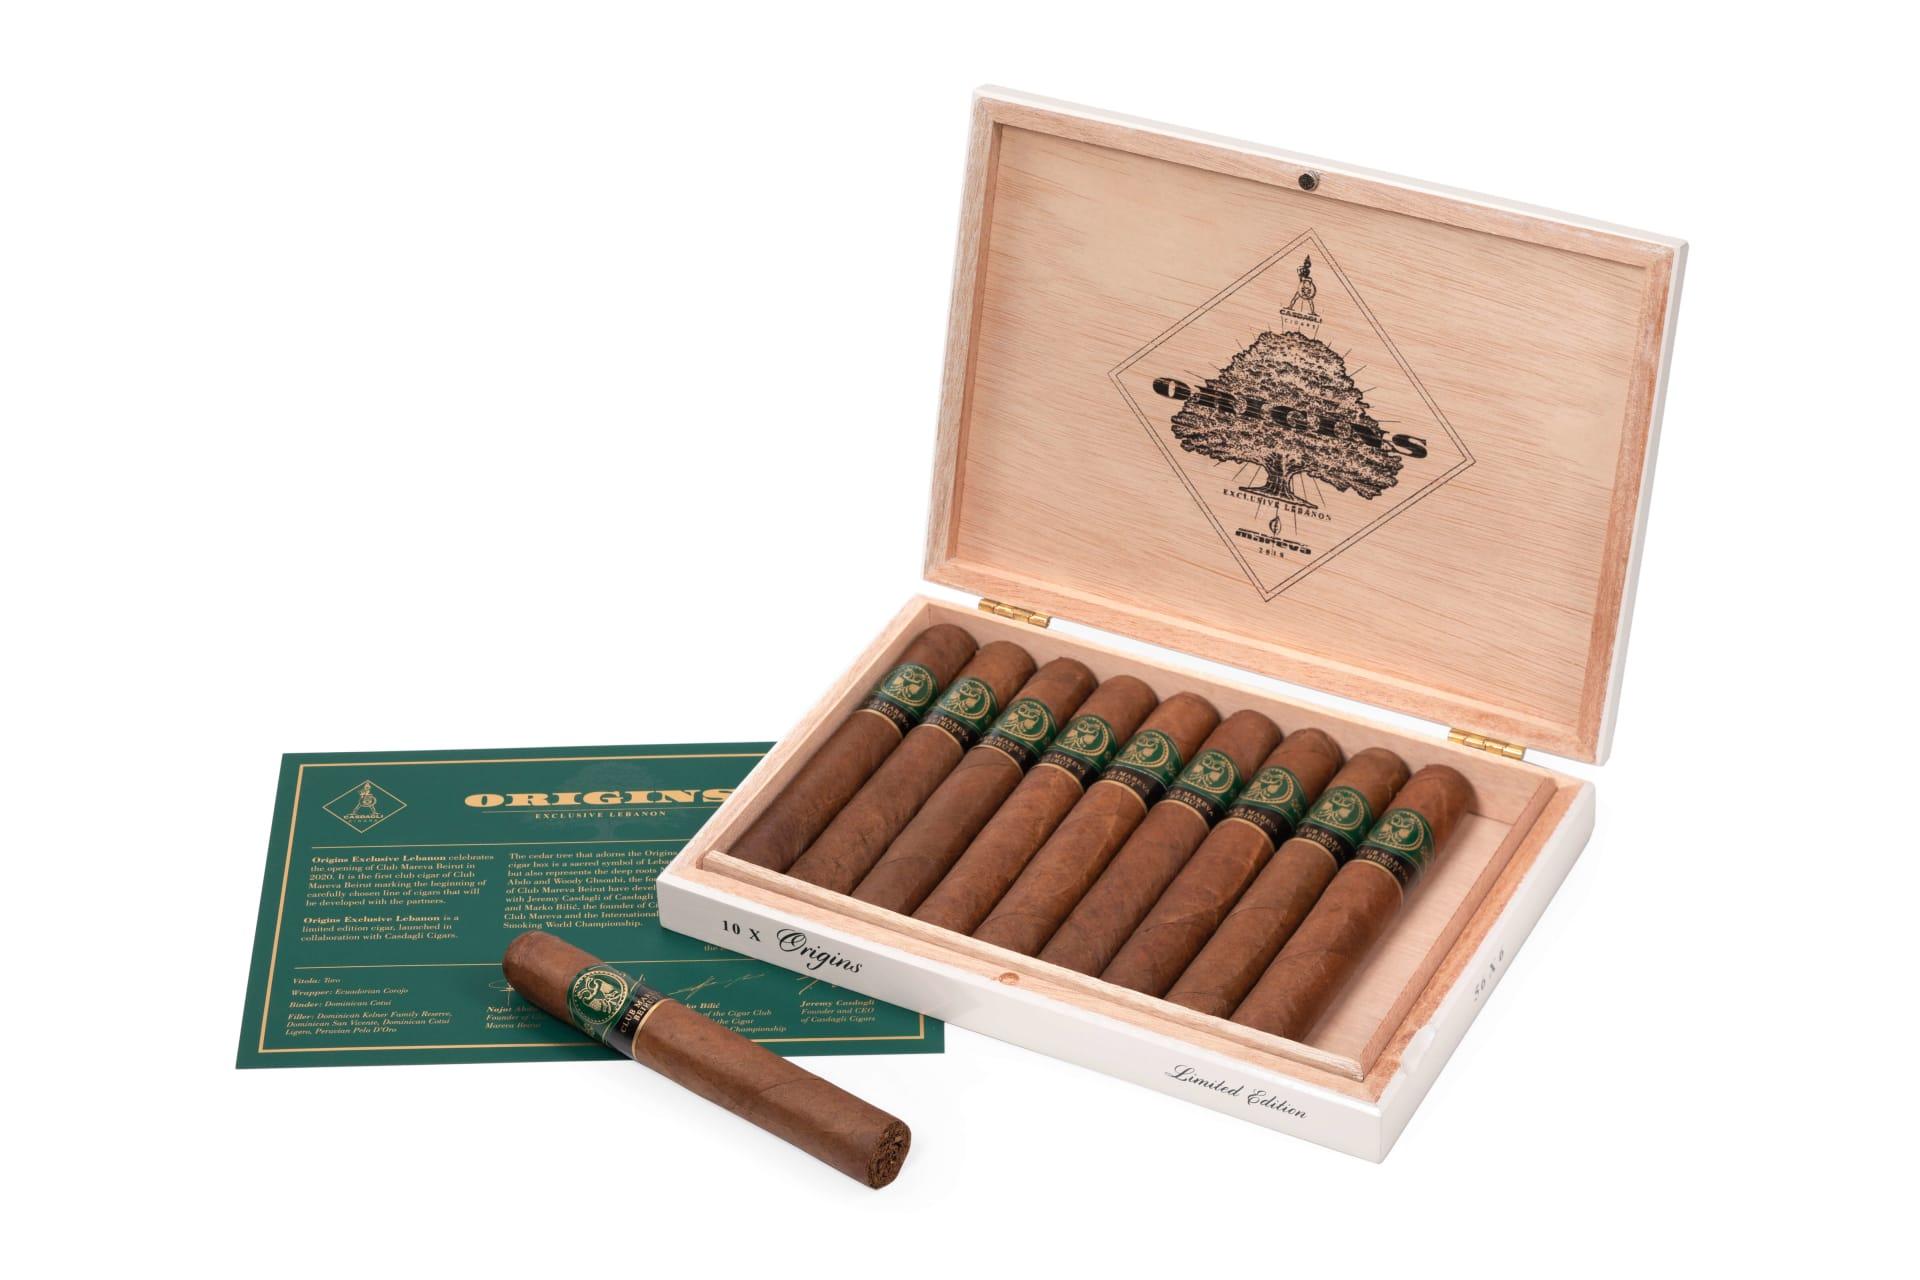 Cigar News: Casdagli Announces Origins – Lebanon Exclusive Featured Image